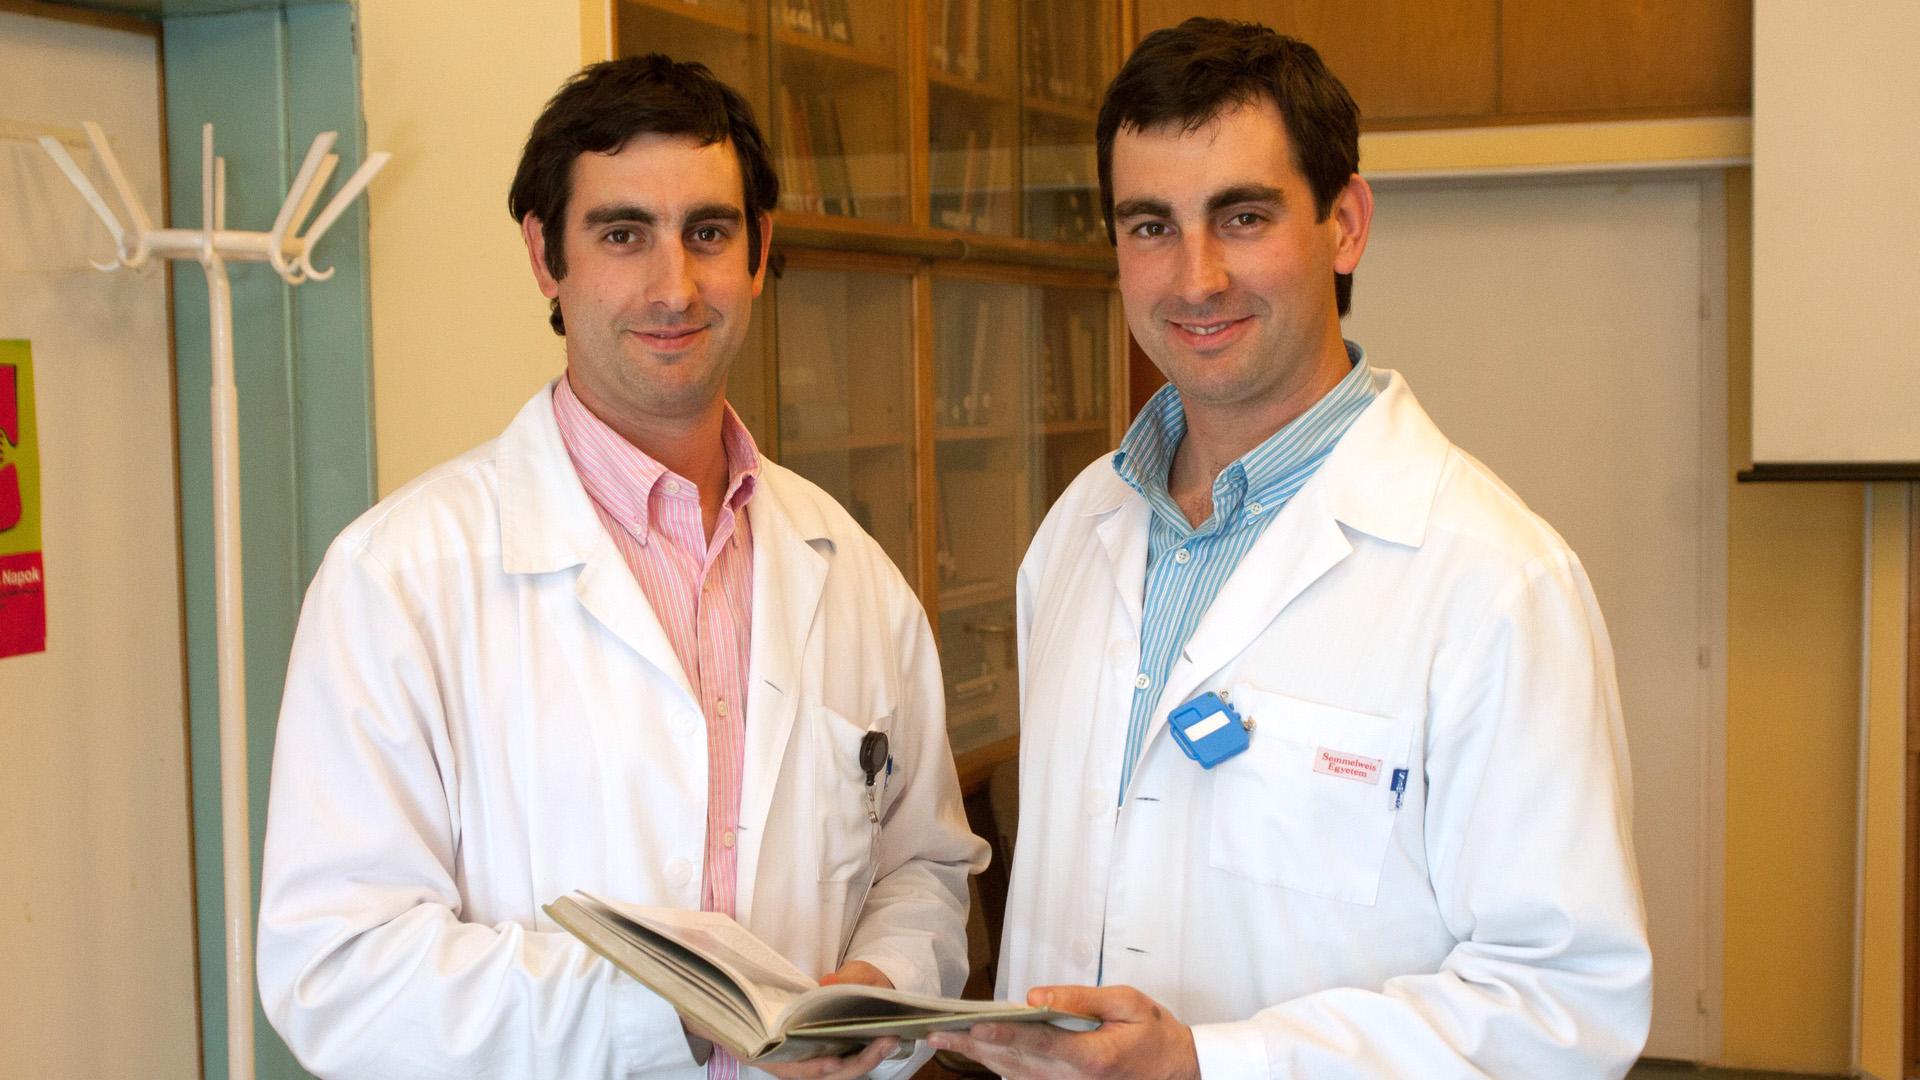 Az ikerpárok nagy segítséget jelenthetnek a tudománynak, amikor egy betegség genetikai hátterét kutatják